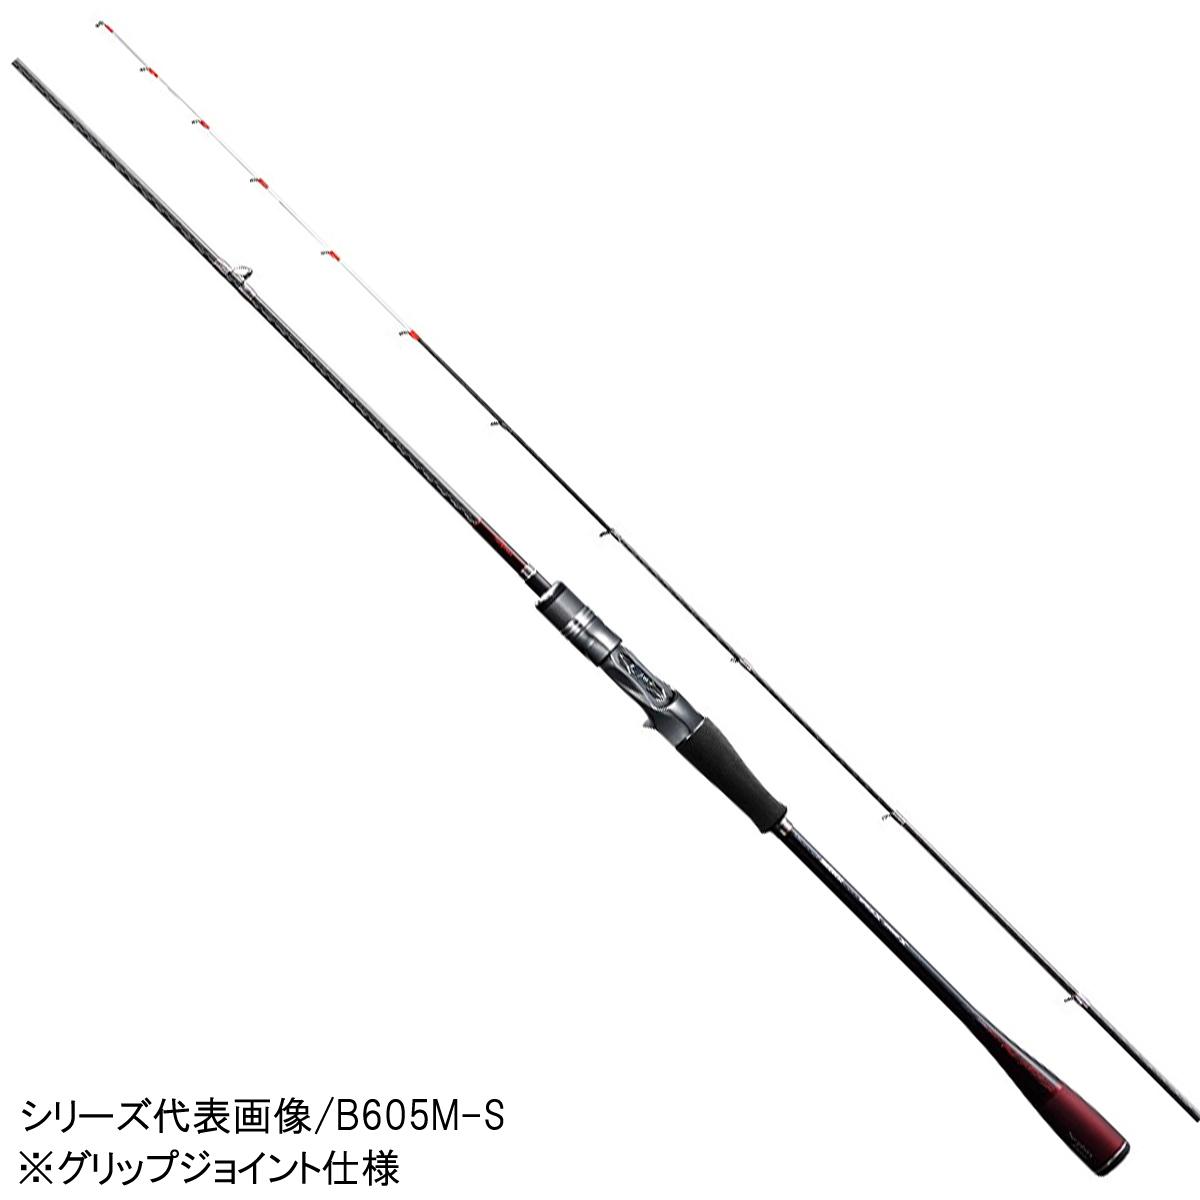 シマノ セフィア エクスチューン メタルスッテ B606MH-S【大型商品】